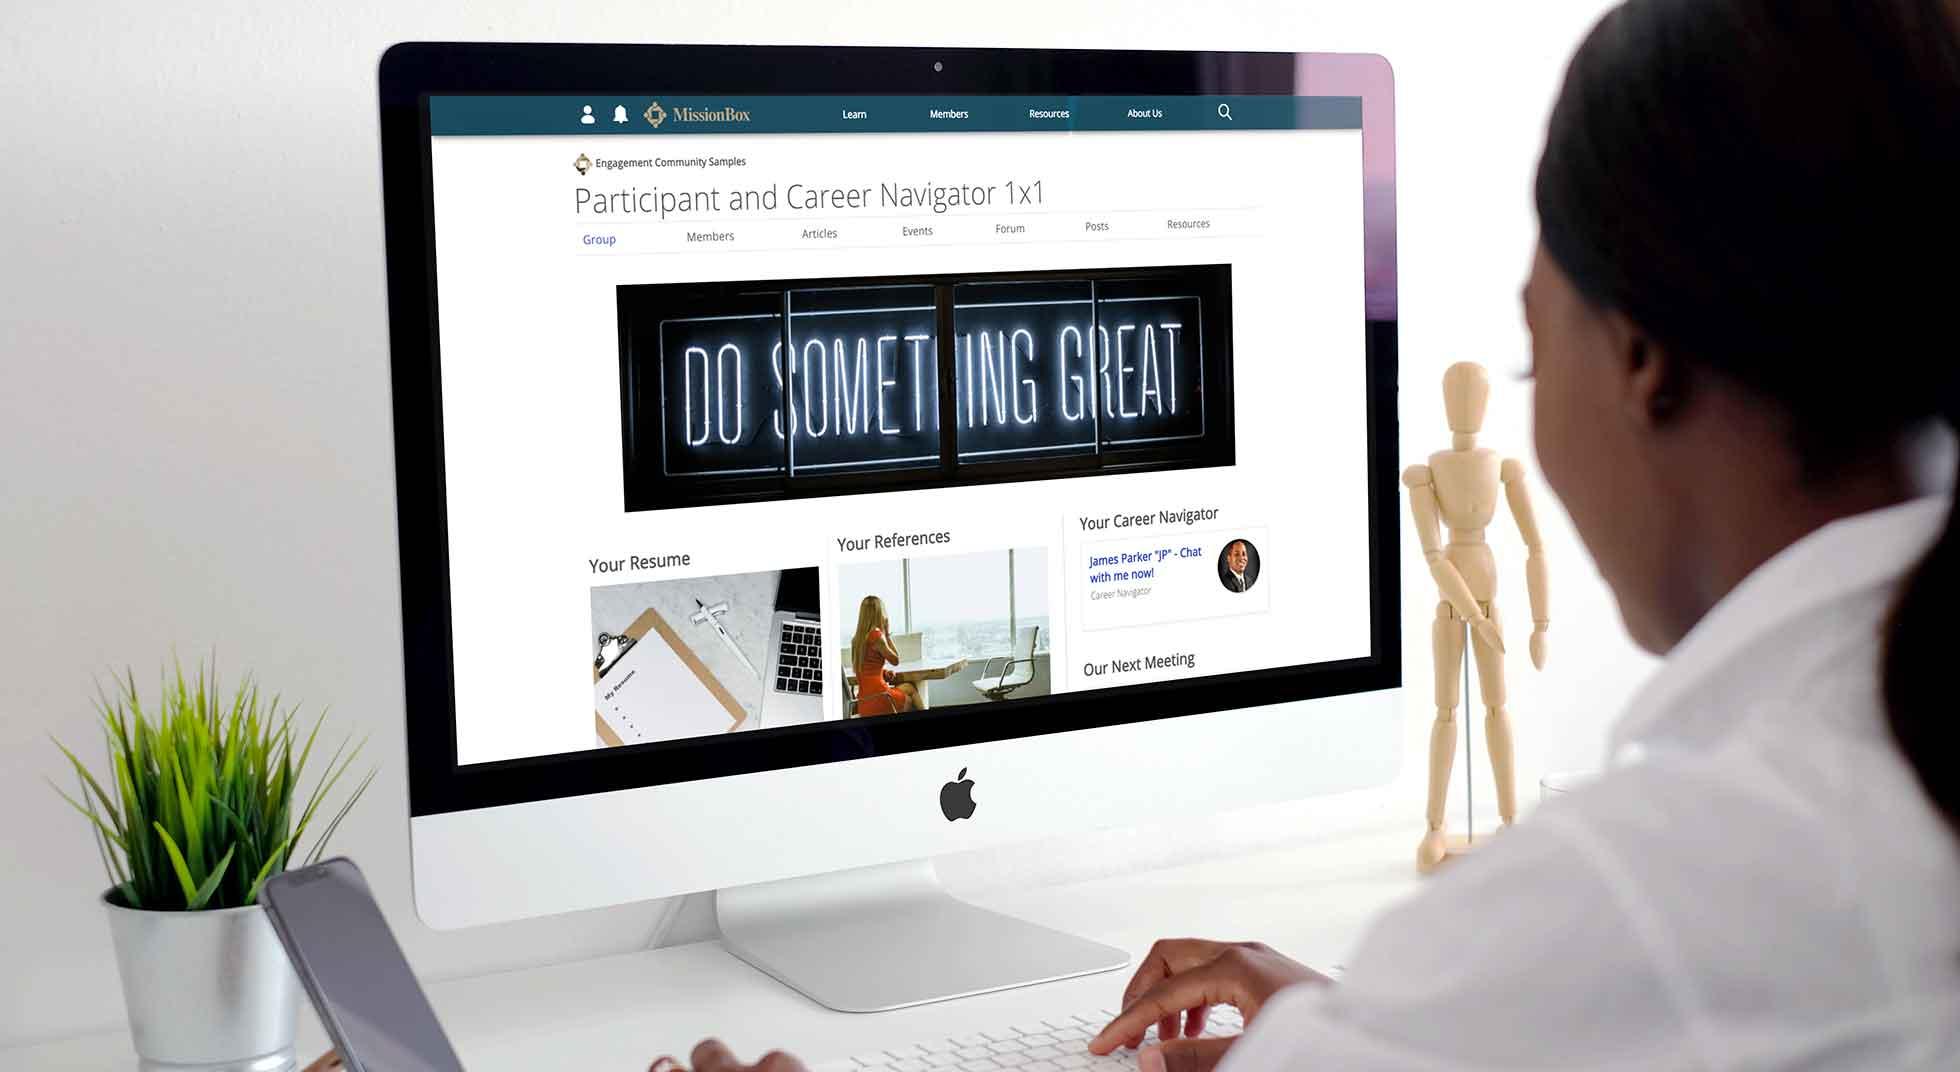 Participant and Career Navigator 1x1 Portal